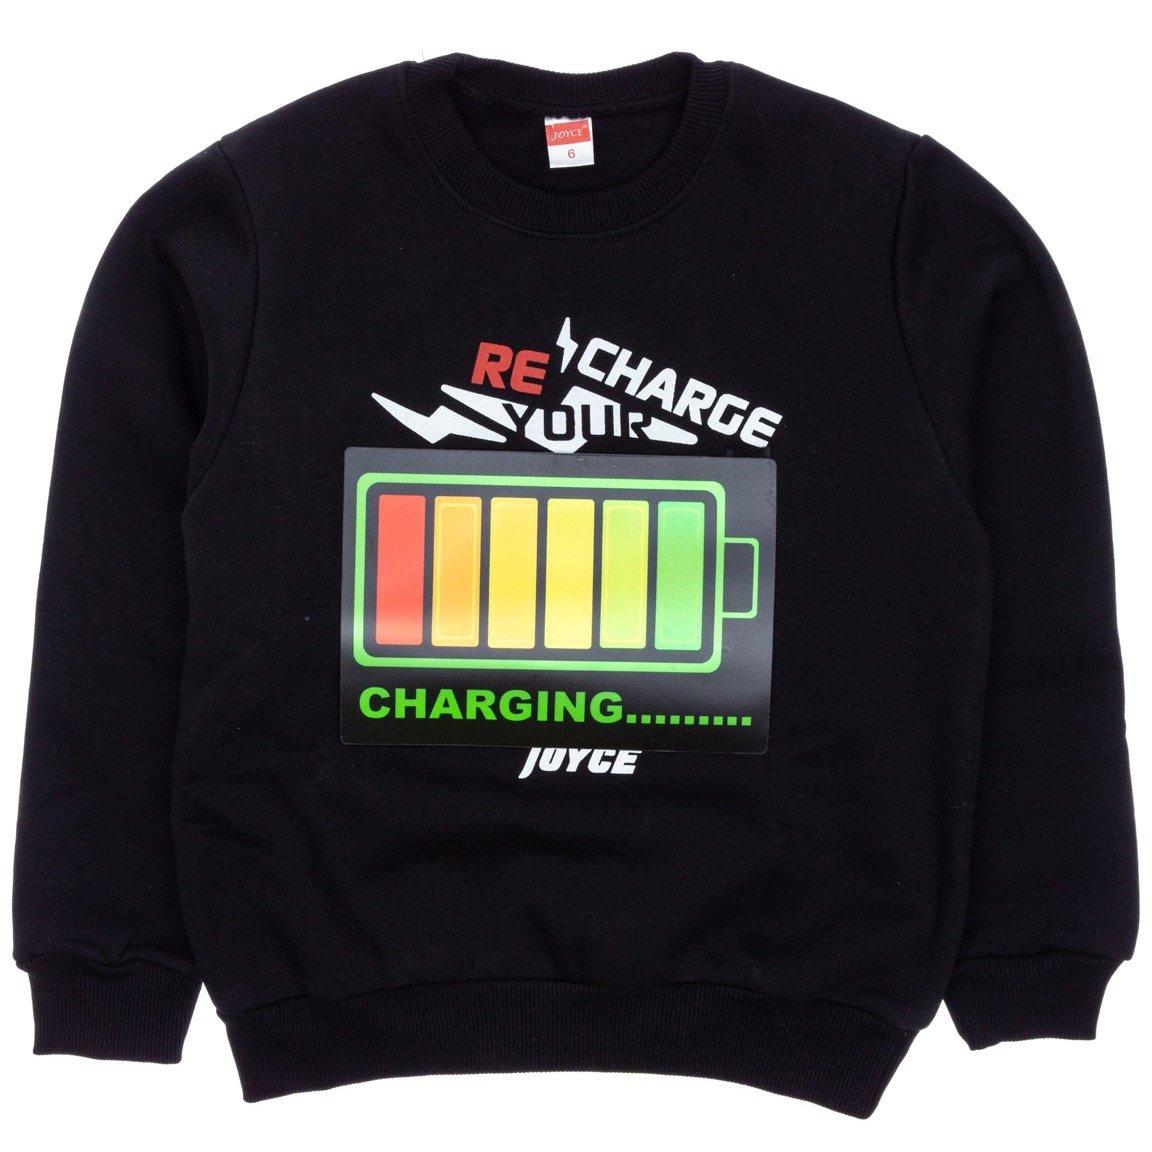 Joyce παιδική εποχιακή μπλούζα φούτερ με φωτάκια «Recharging»